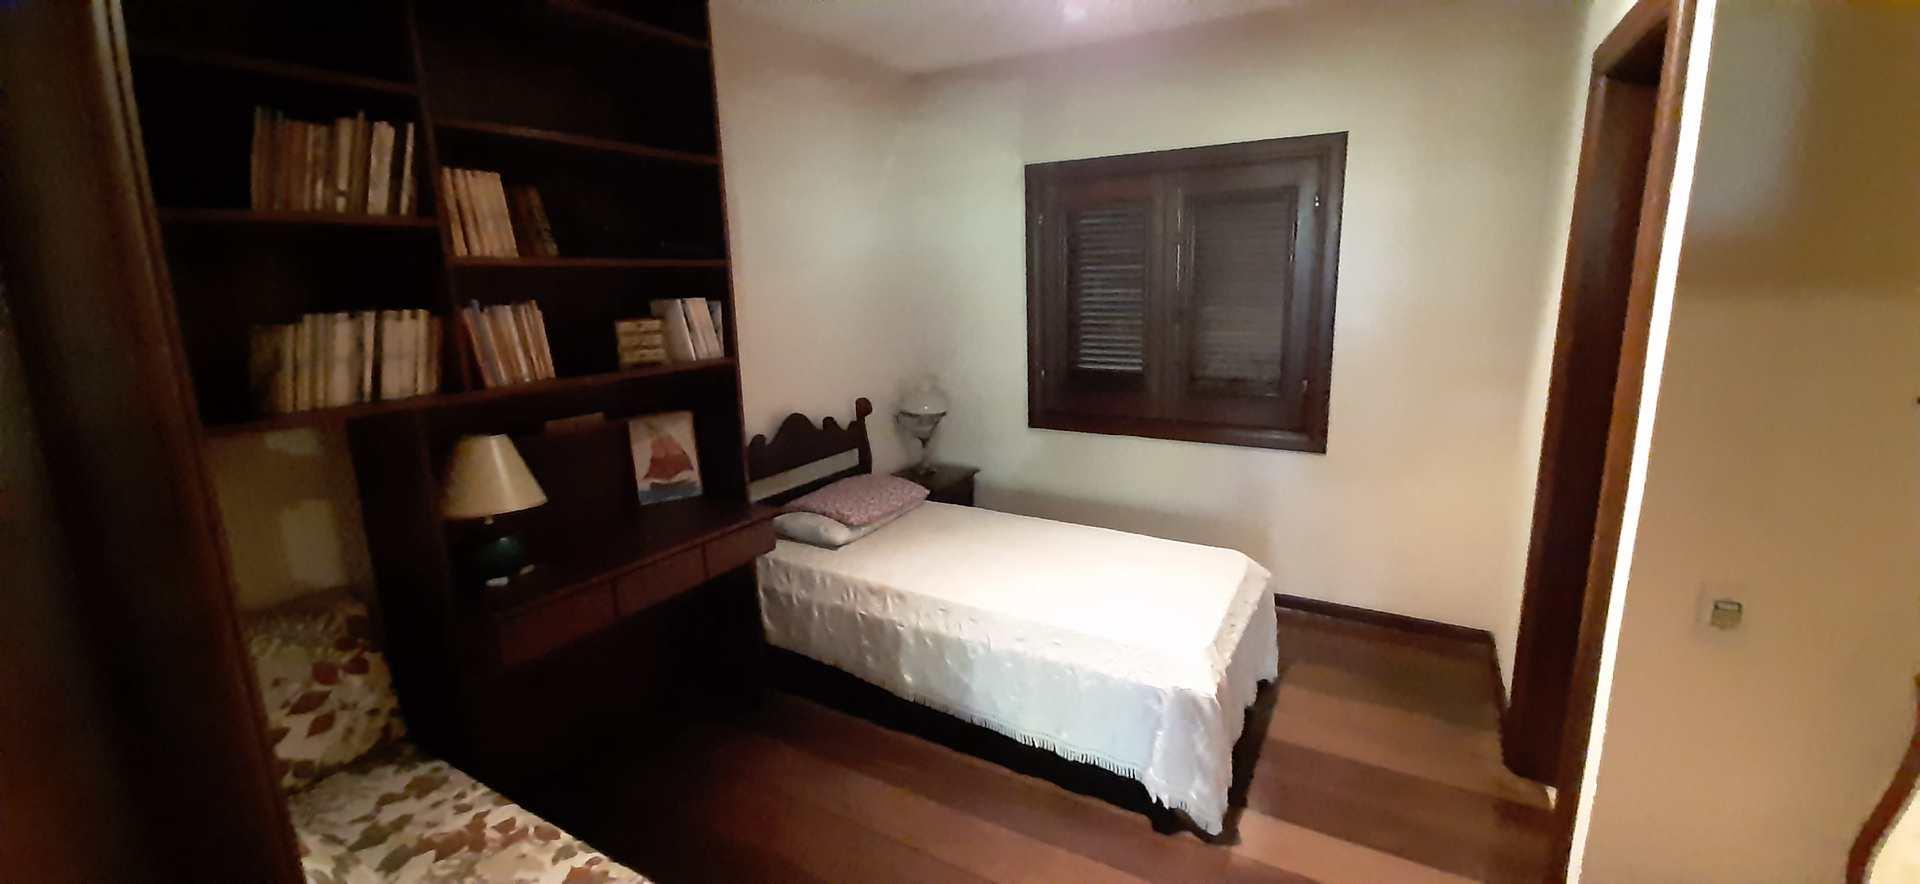 Casa de Condomínio com 0 dorm, Jardim Petrópolis, Itapecerica da Serra - R$ 2 mi, Cod: 1338